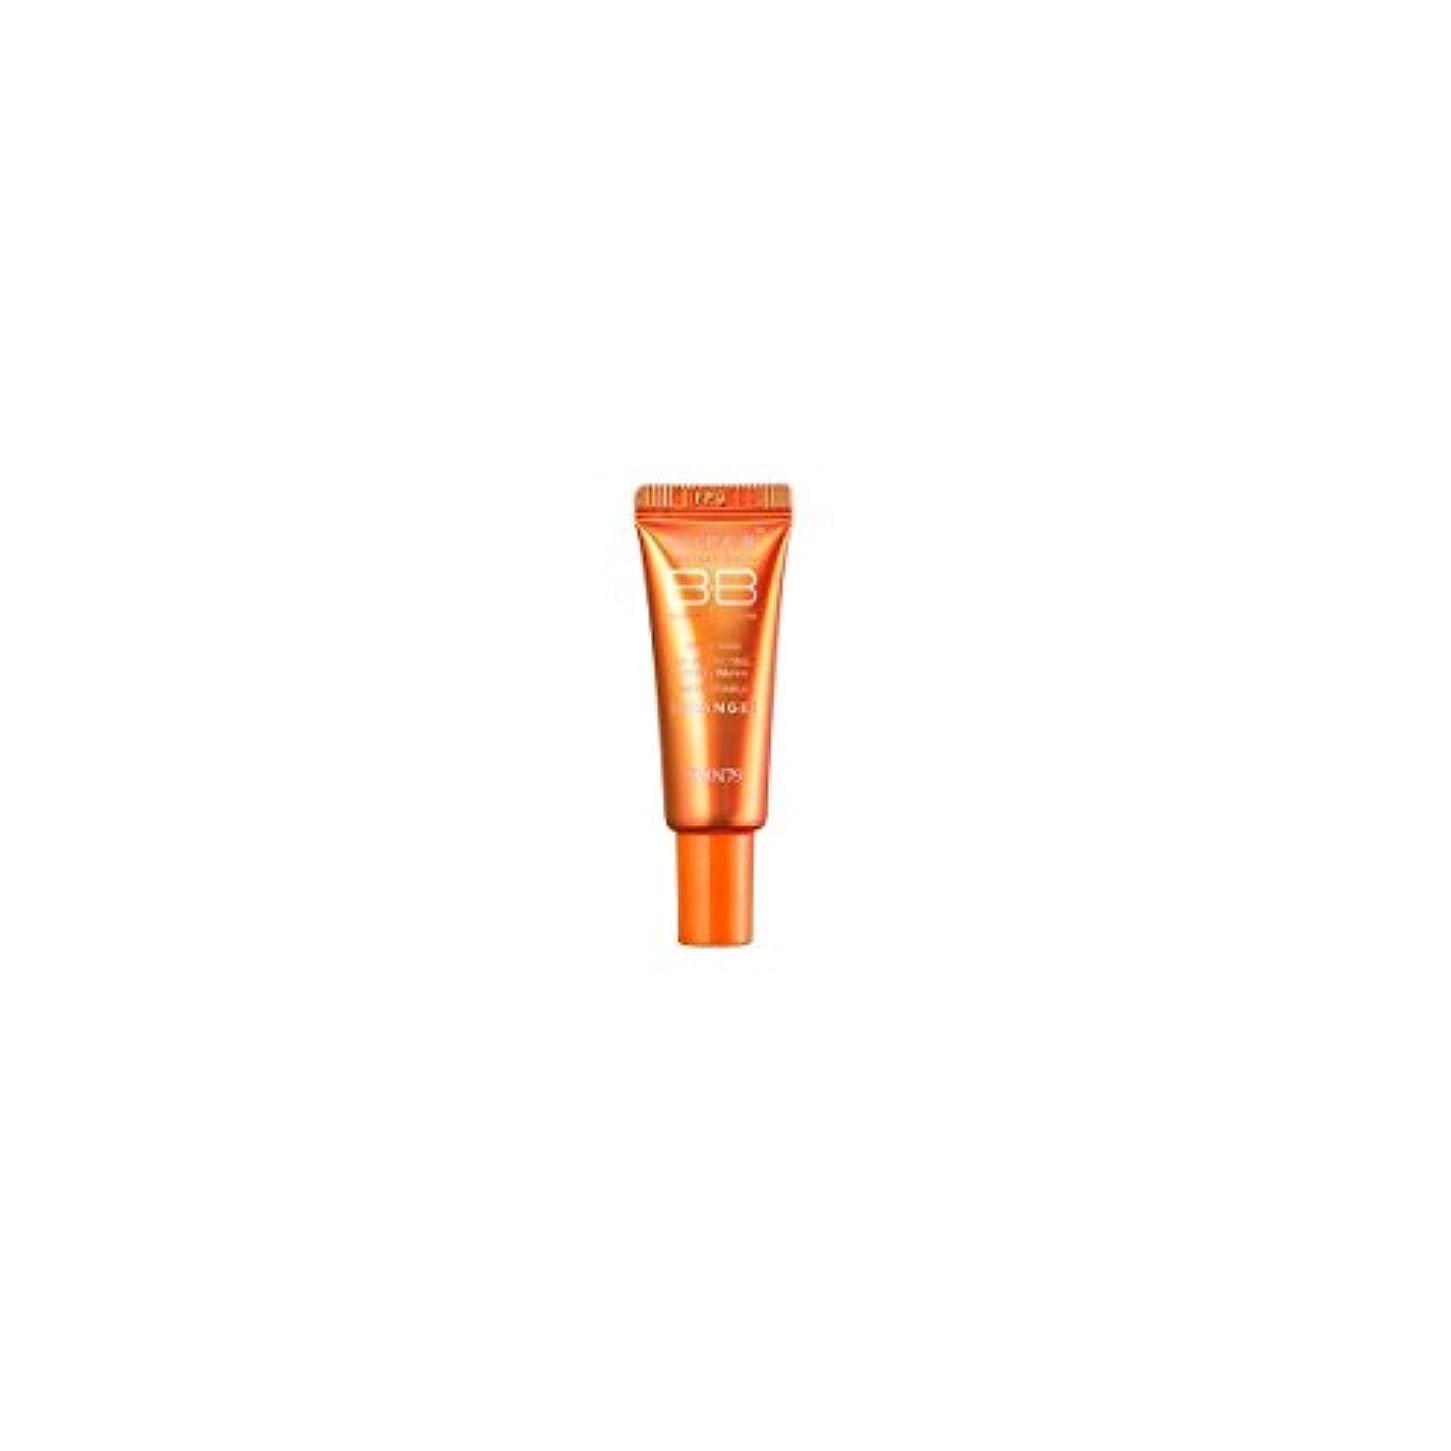 解放会話電話するSKIN79 スキン79スーパートリプル機能BBクリーム - オレンジ